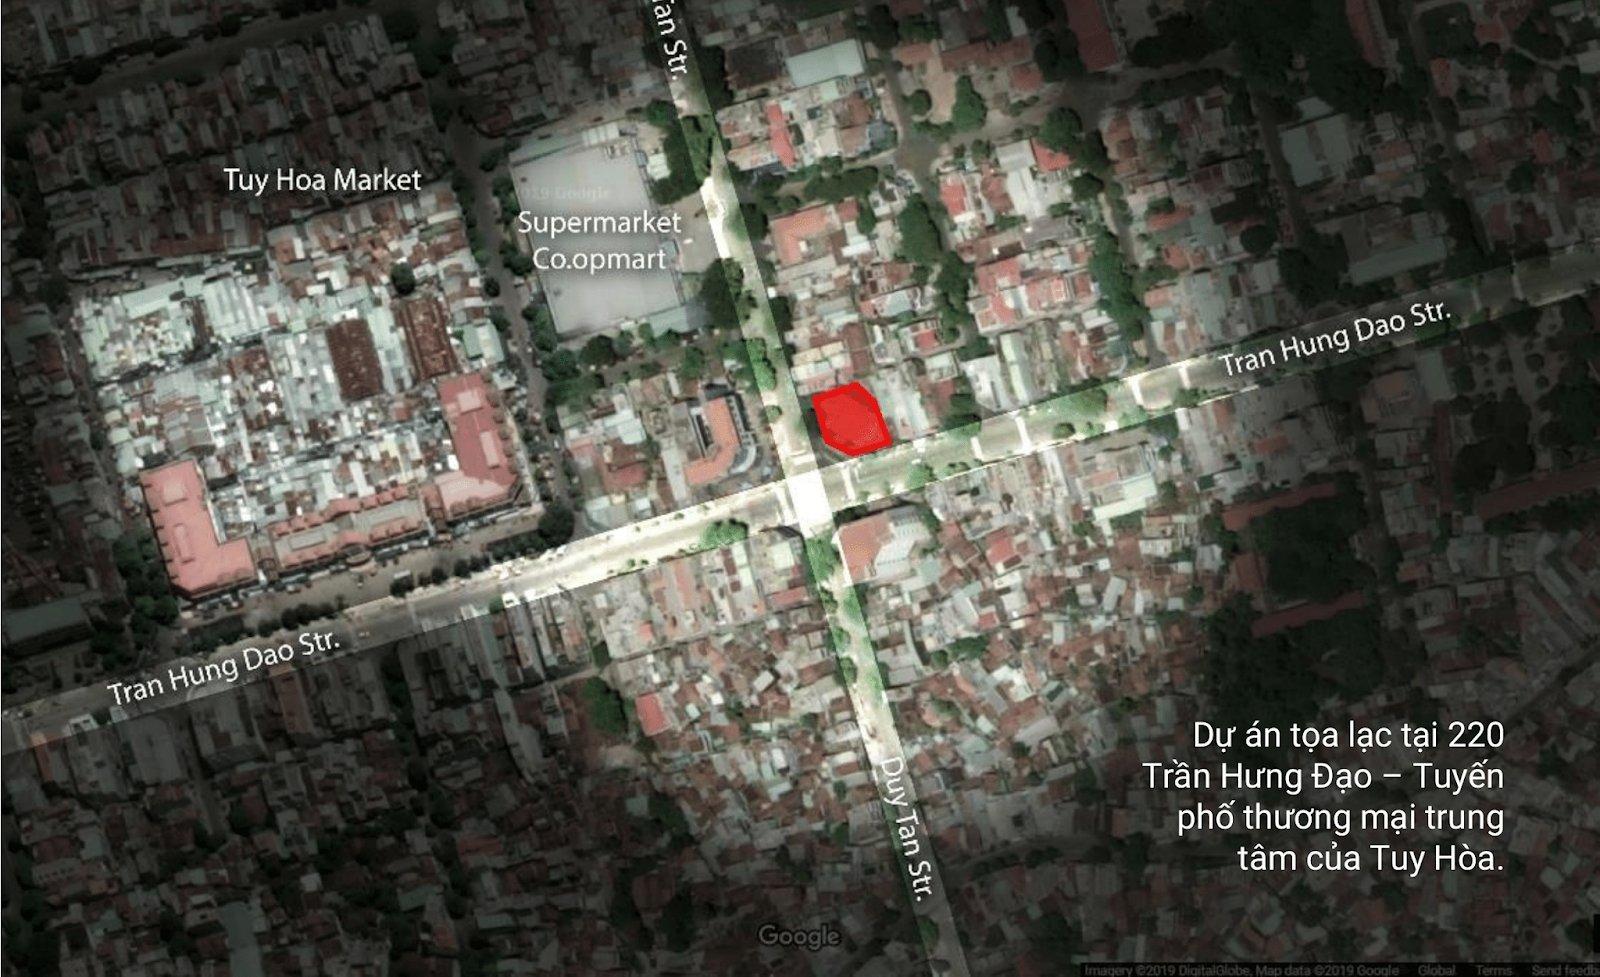 Vị trí trên bản đồ vệ tinh